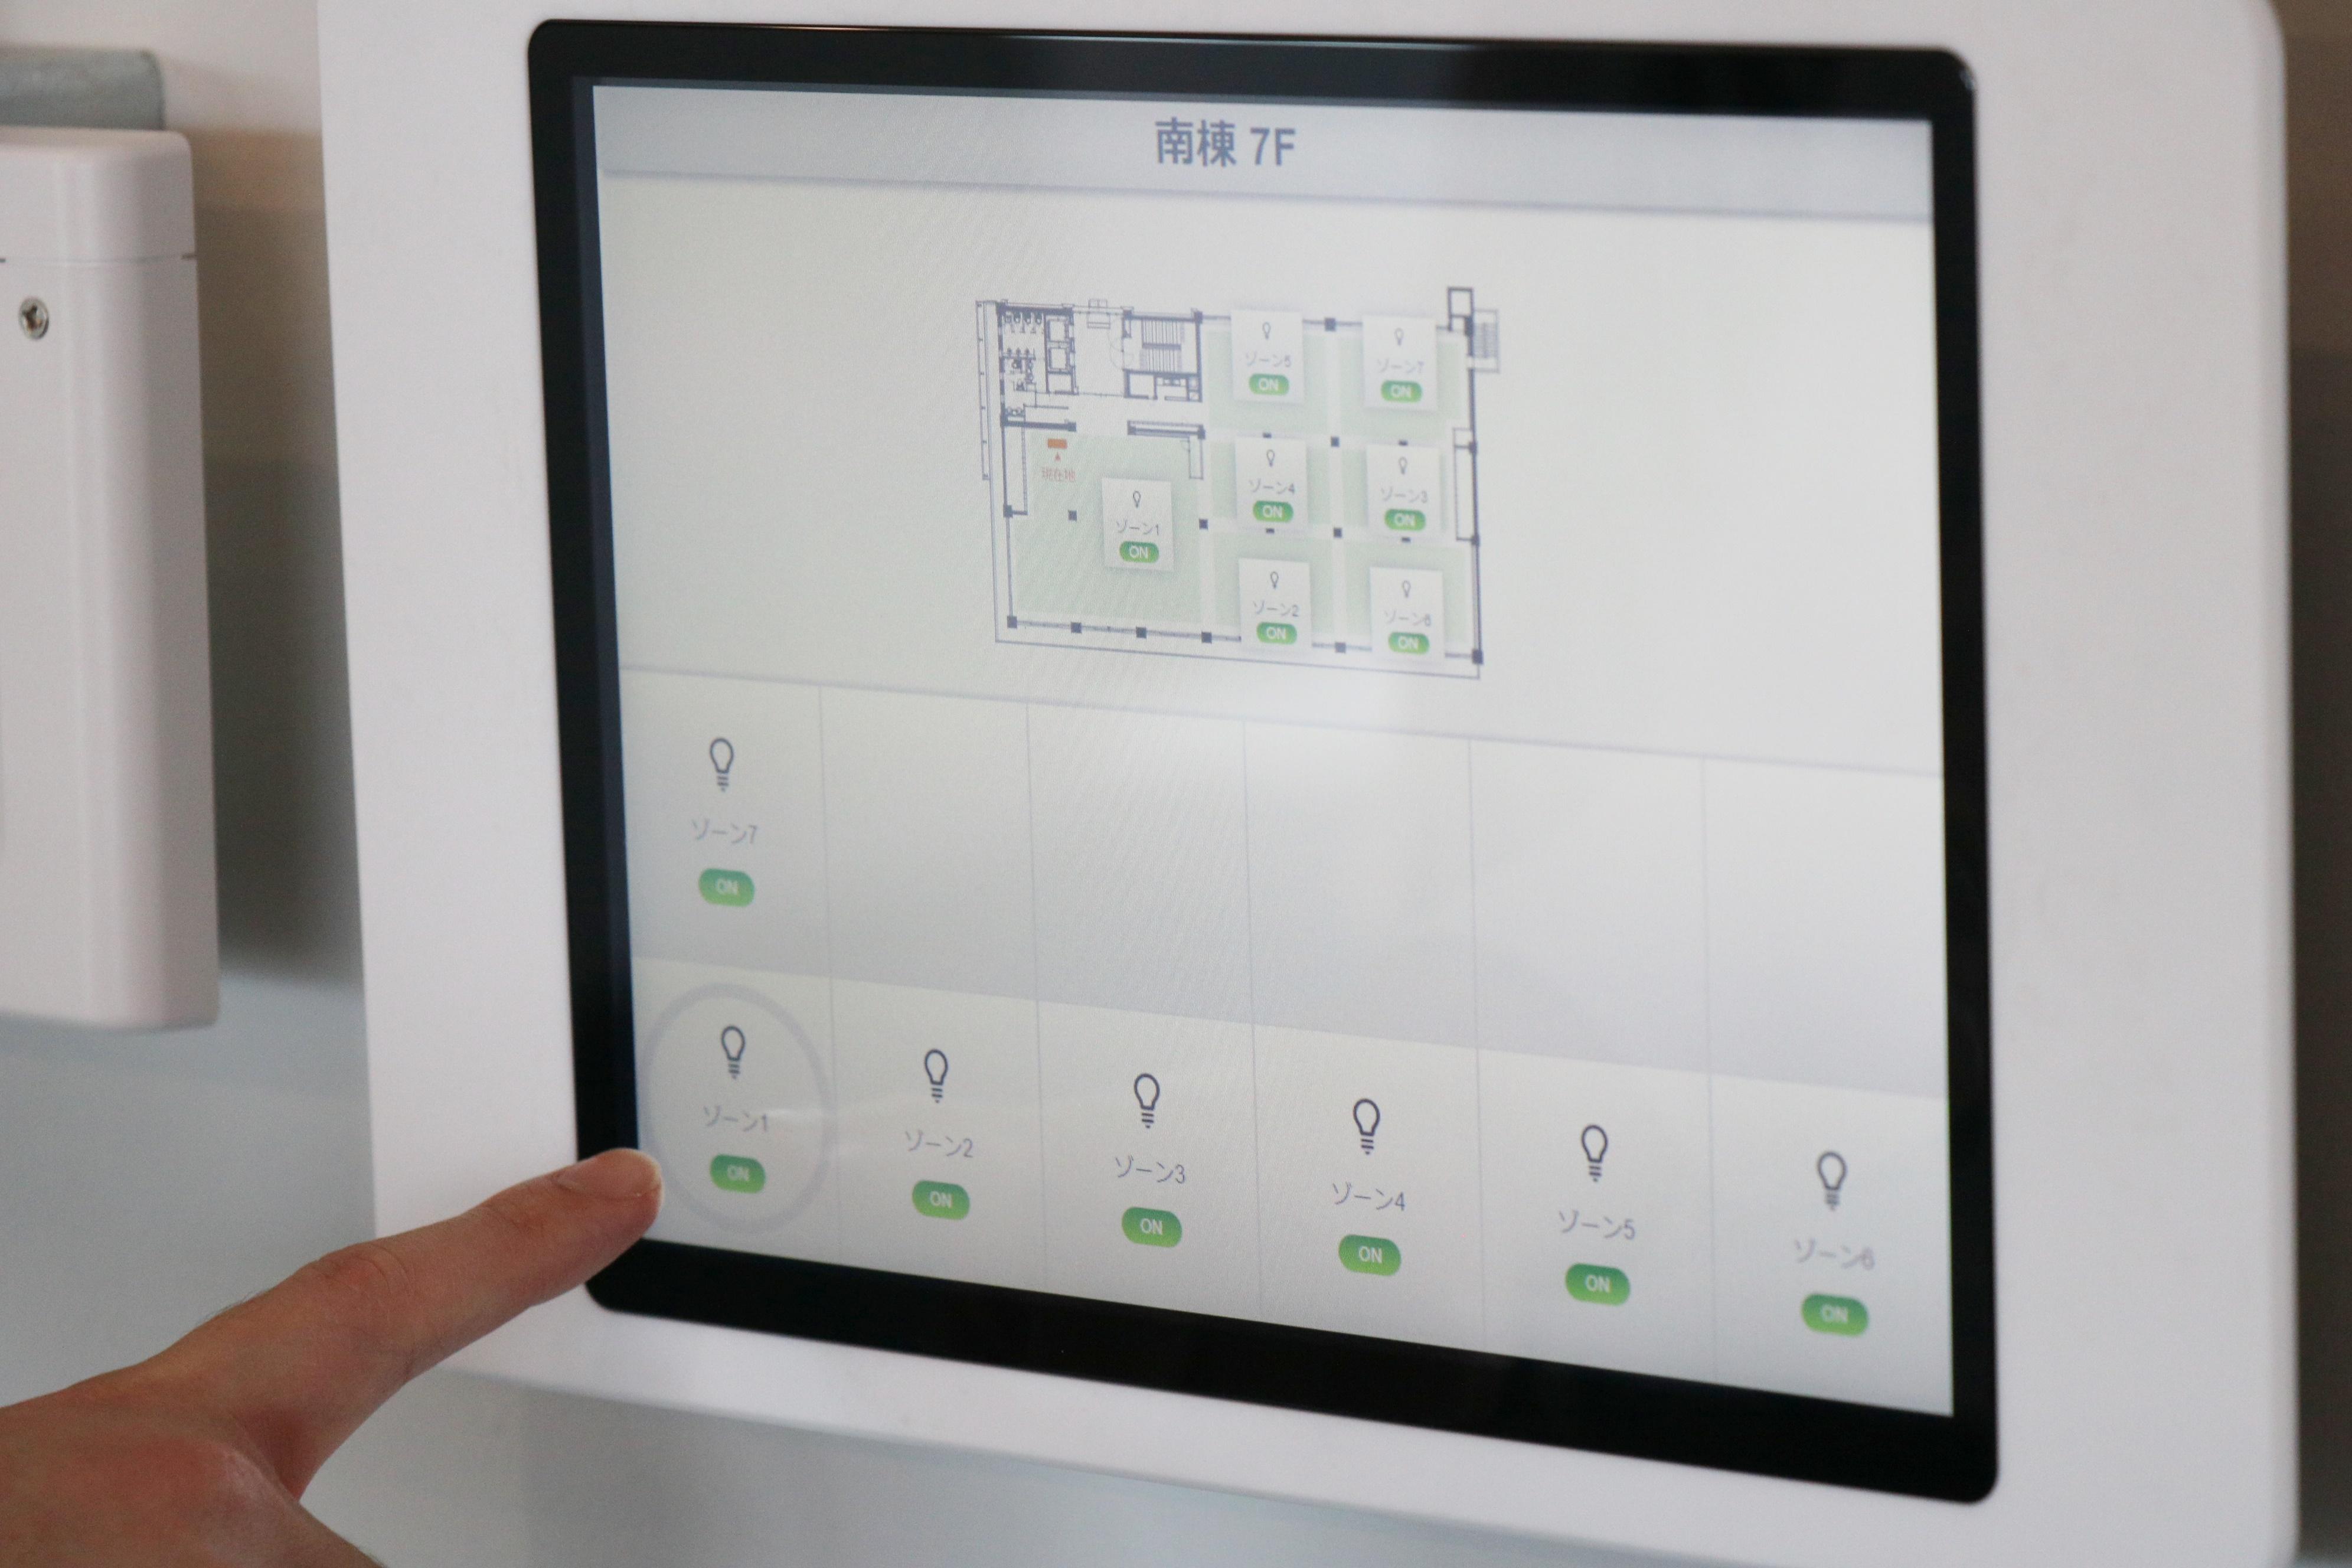 试点引进隔空输入解决方案AirInput™用于Recruit公司新办公楼的电梯操作面板和楼内照明开关